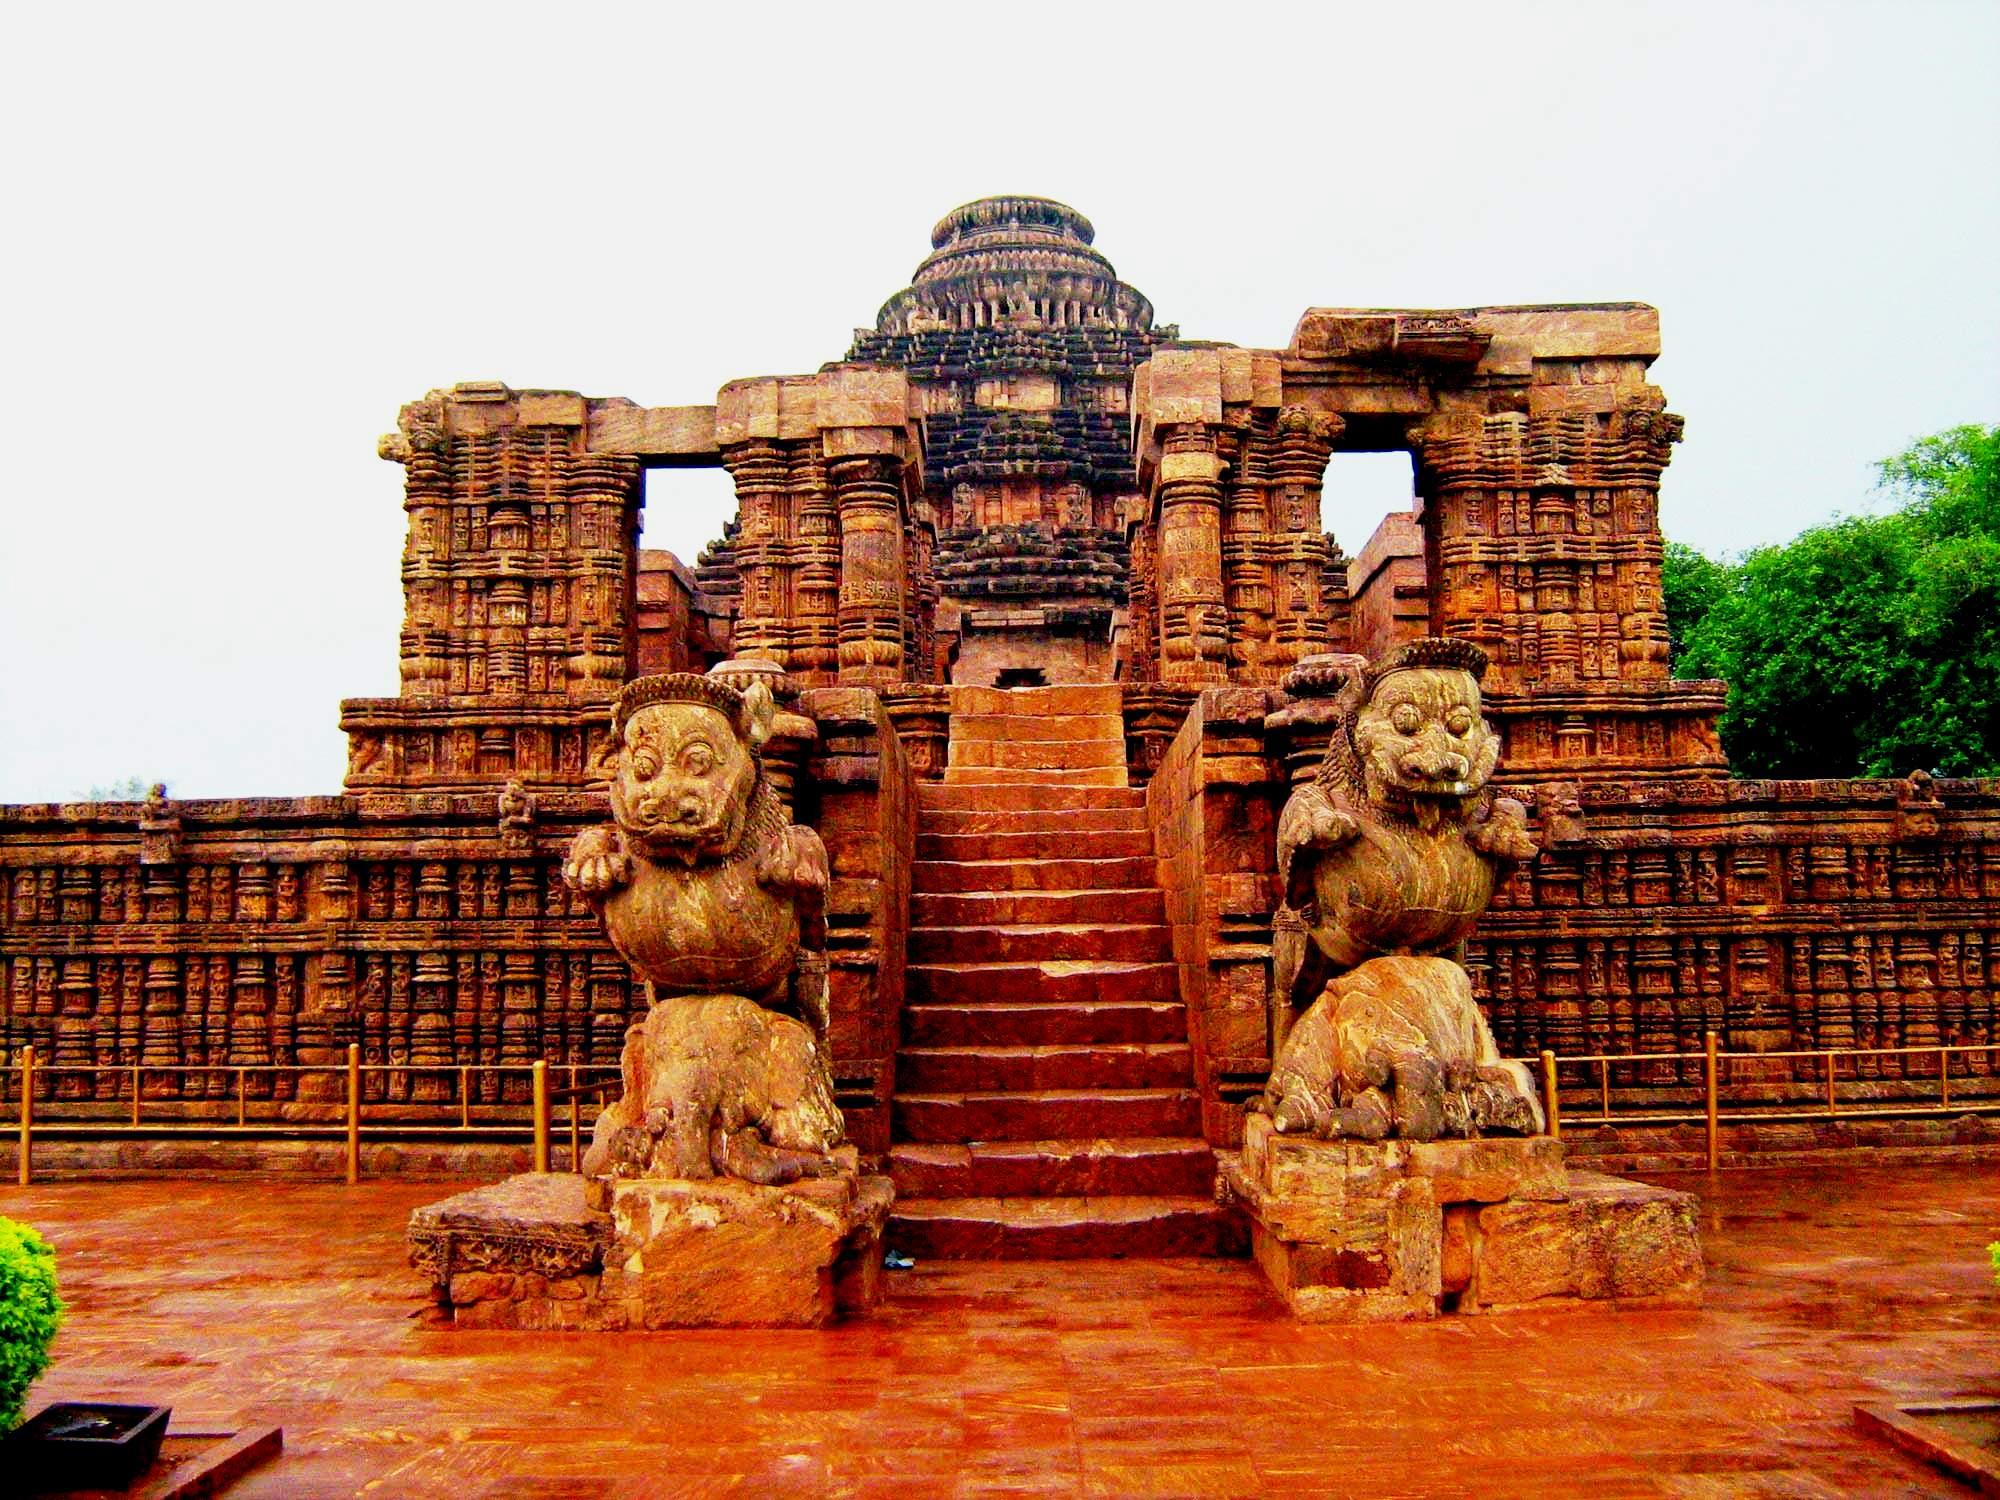 статуи храма солнца